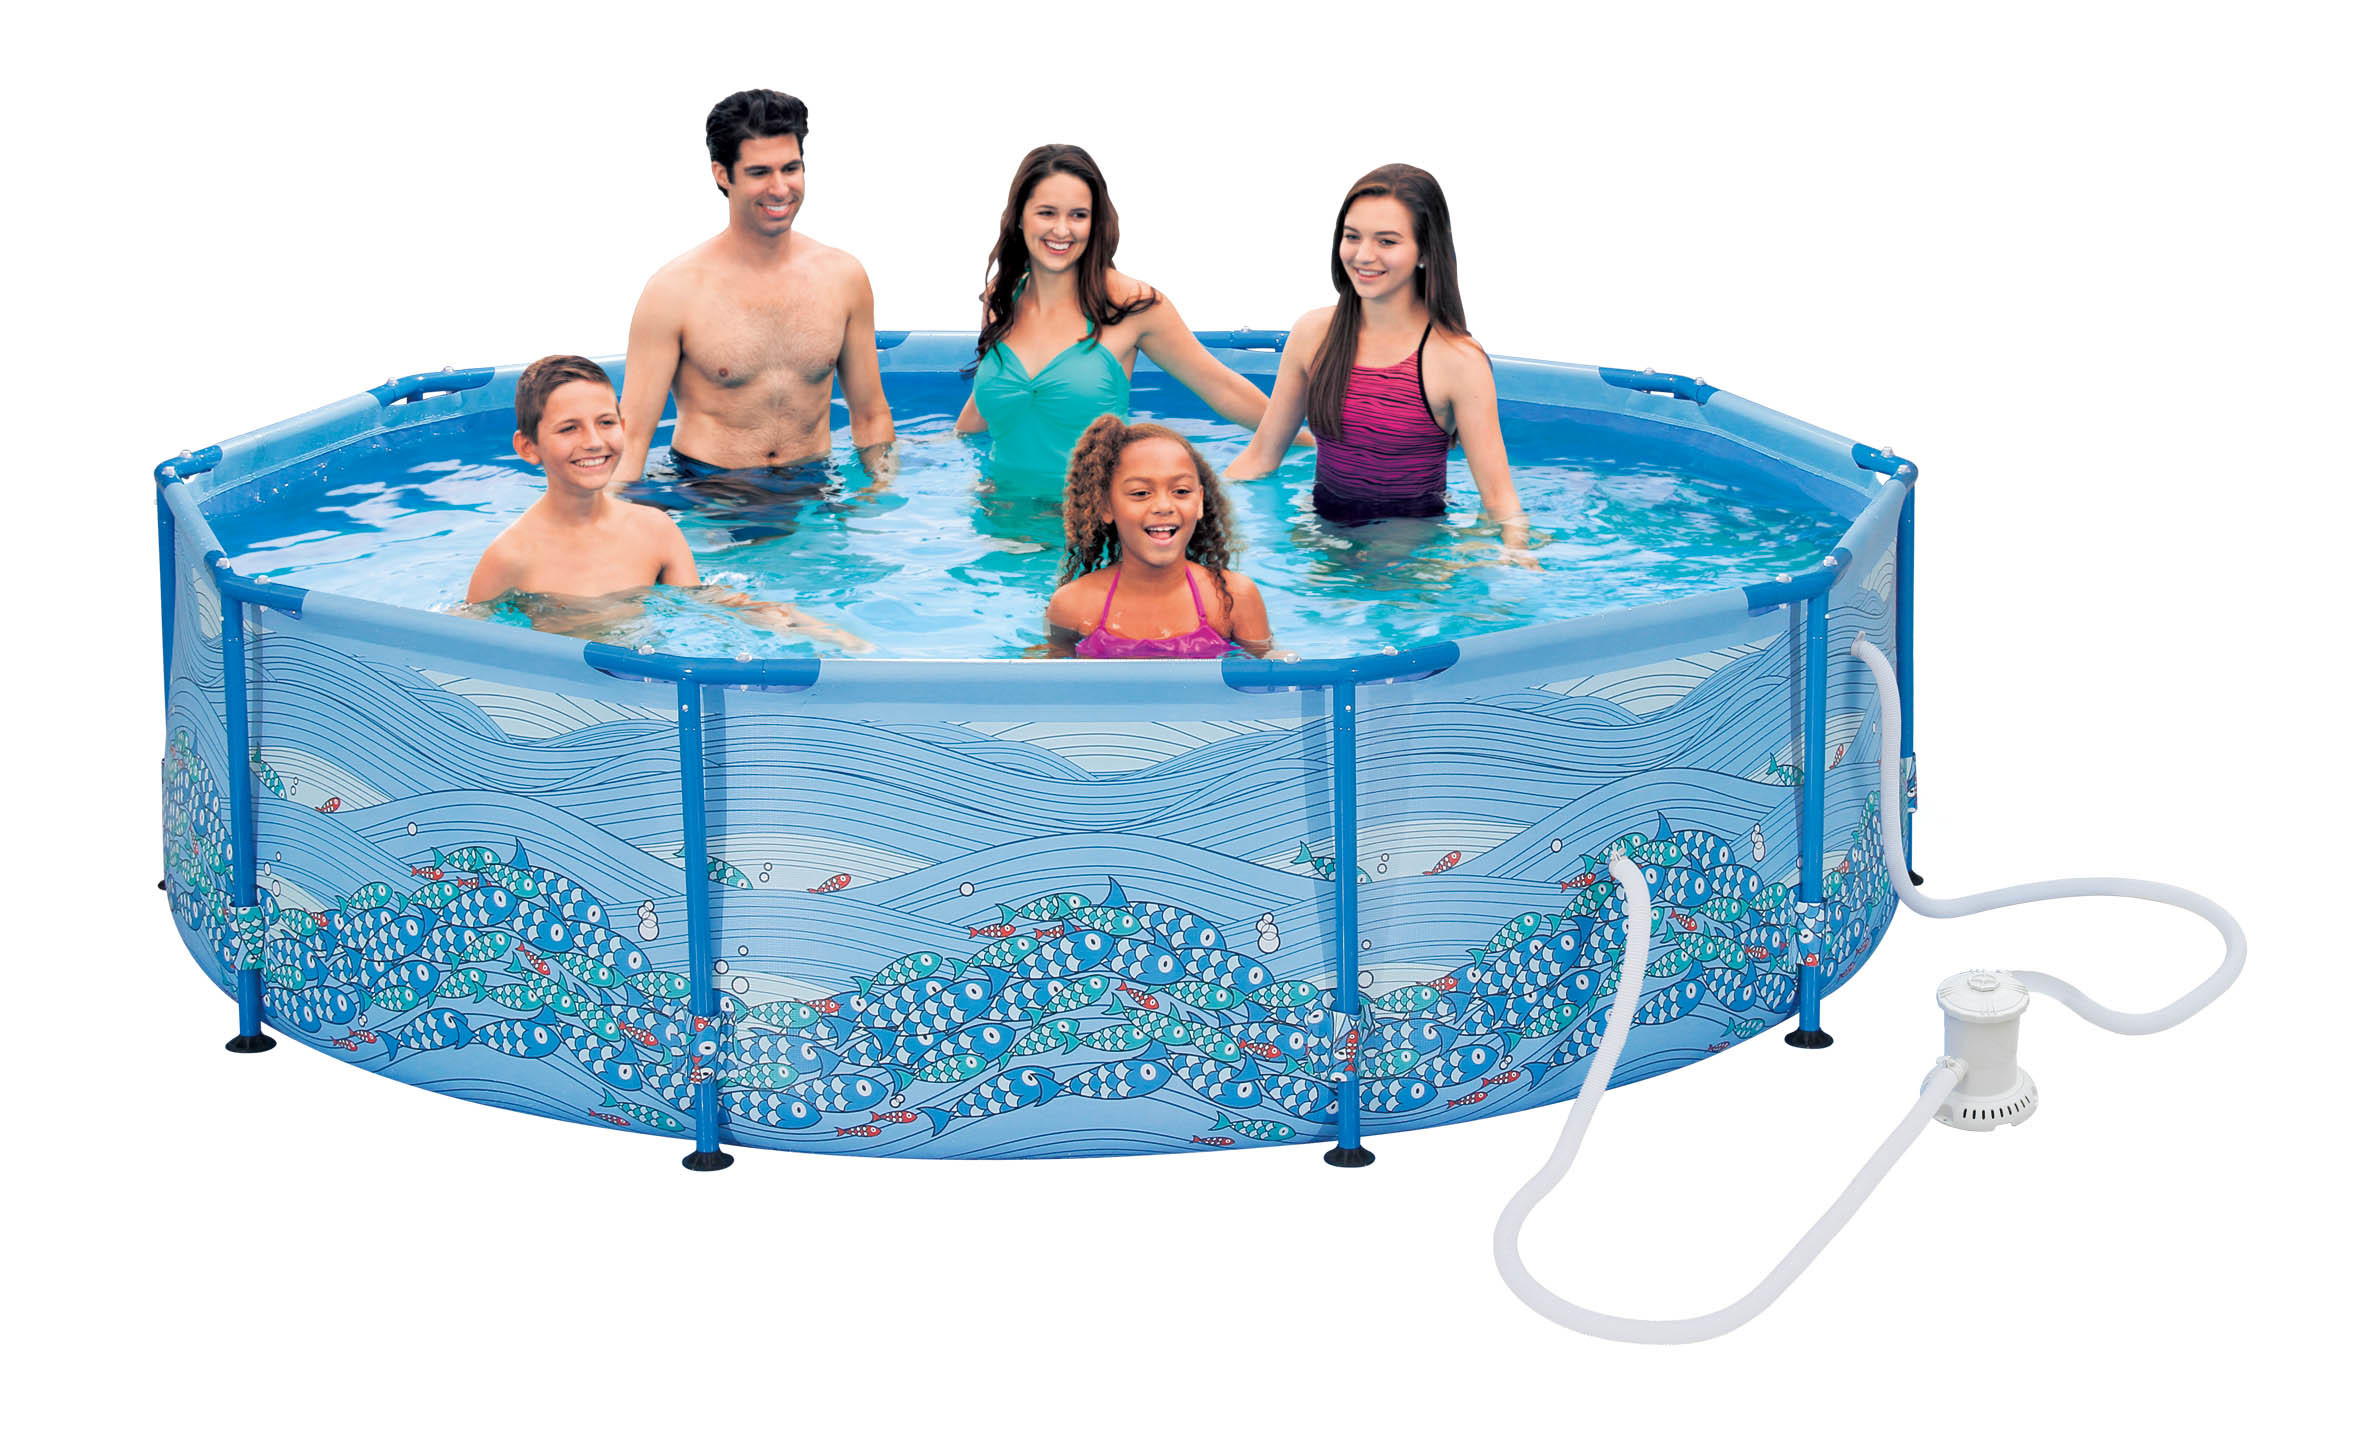 carrefour piscine tubulaire ronde motif tourbillon dia 305 x h 76 cm pas cher achat. Black Bedroom Furniture Sets. Home Design Ideas